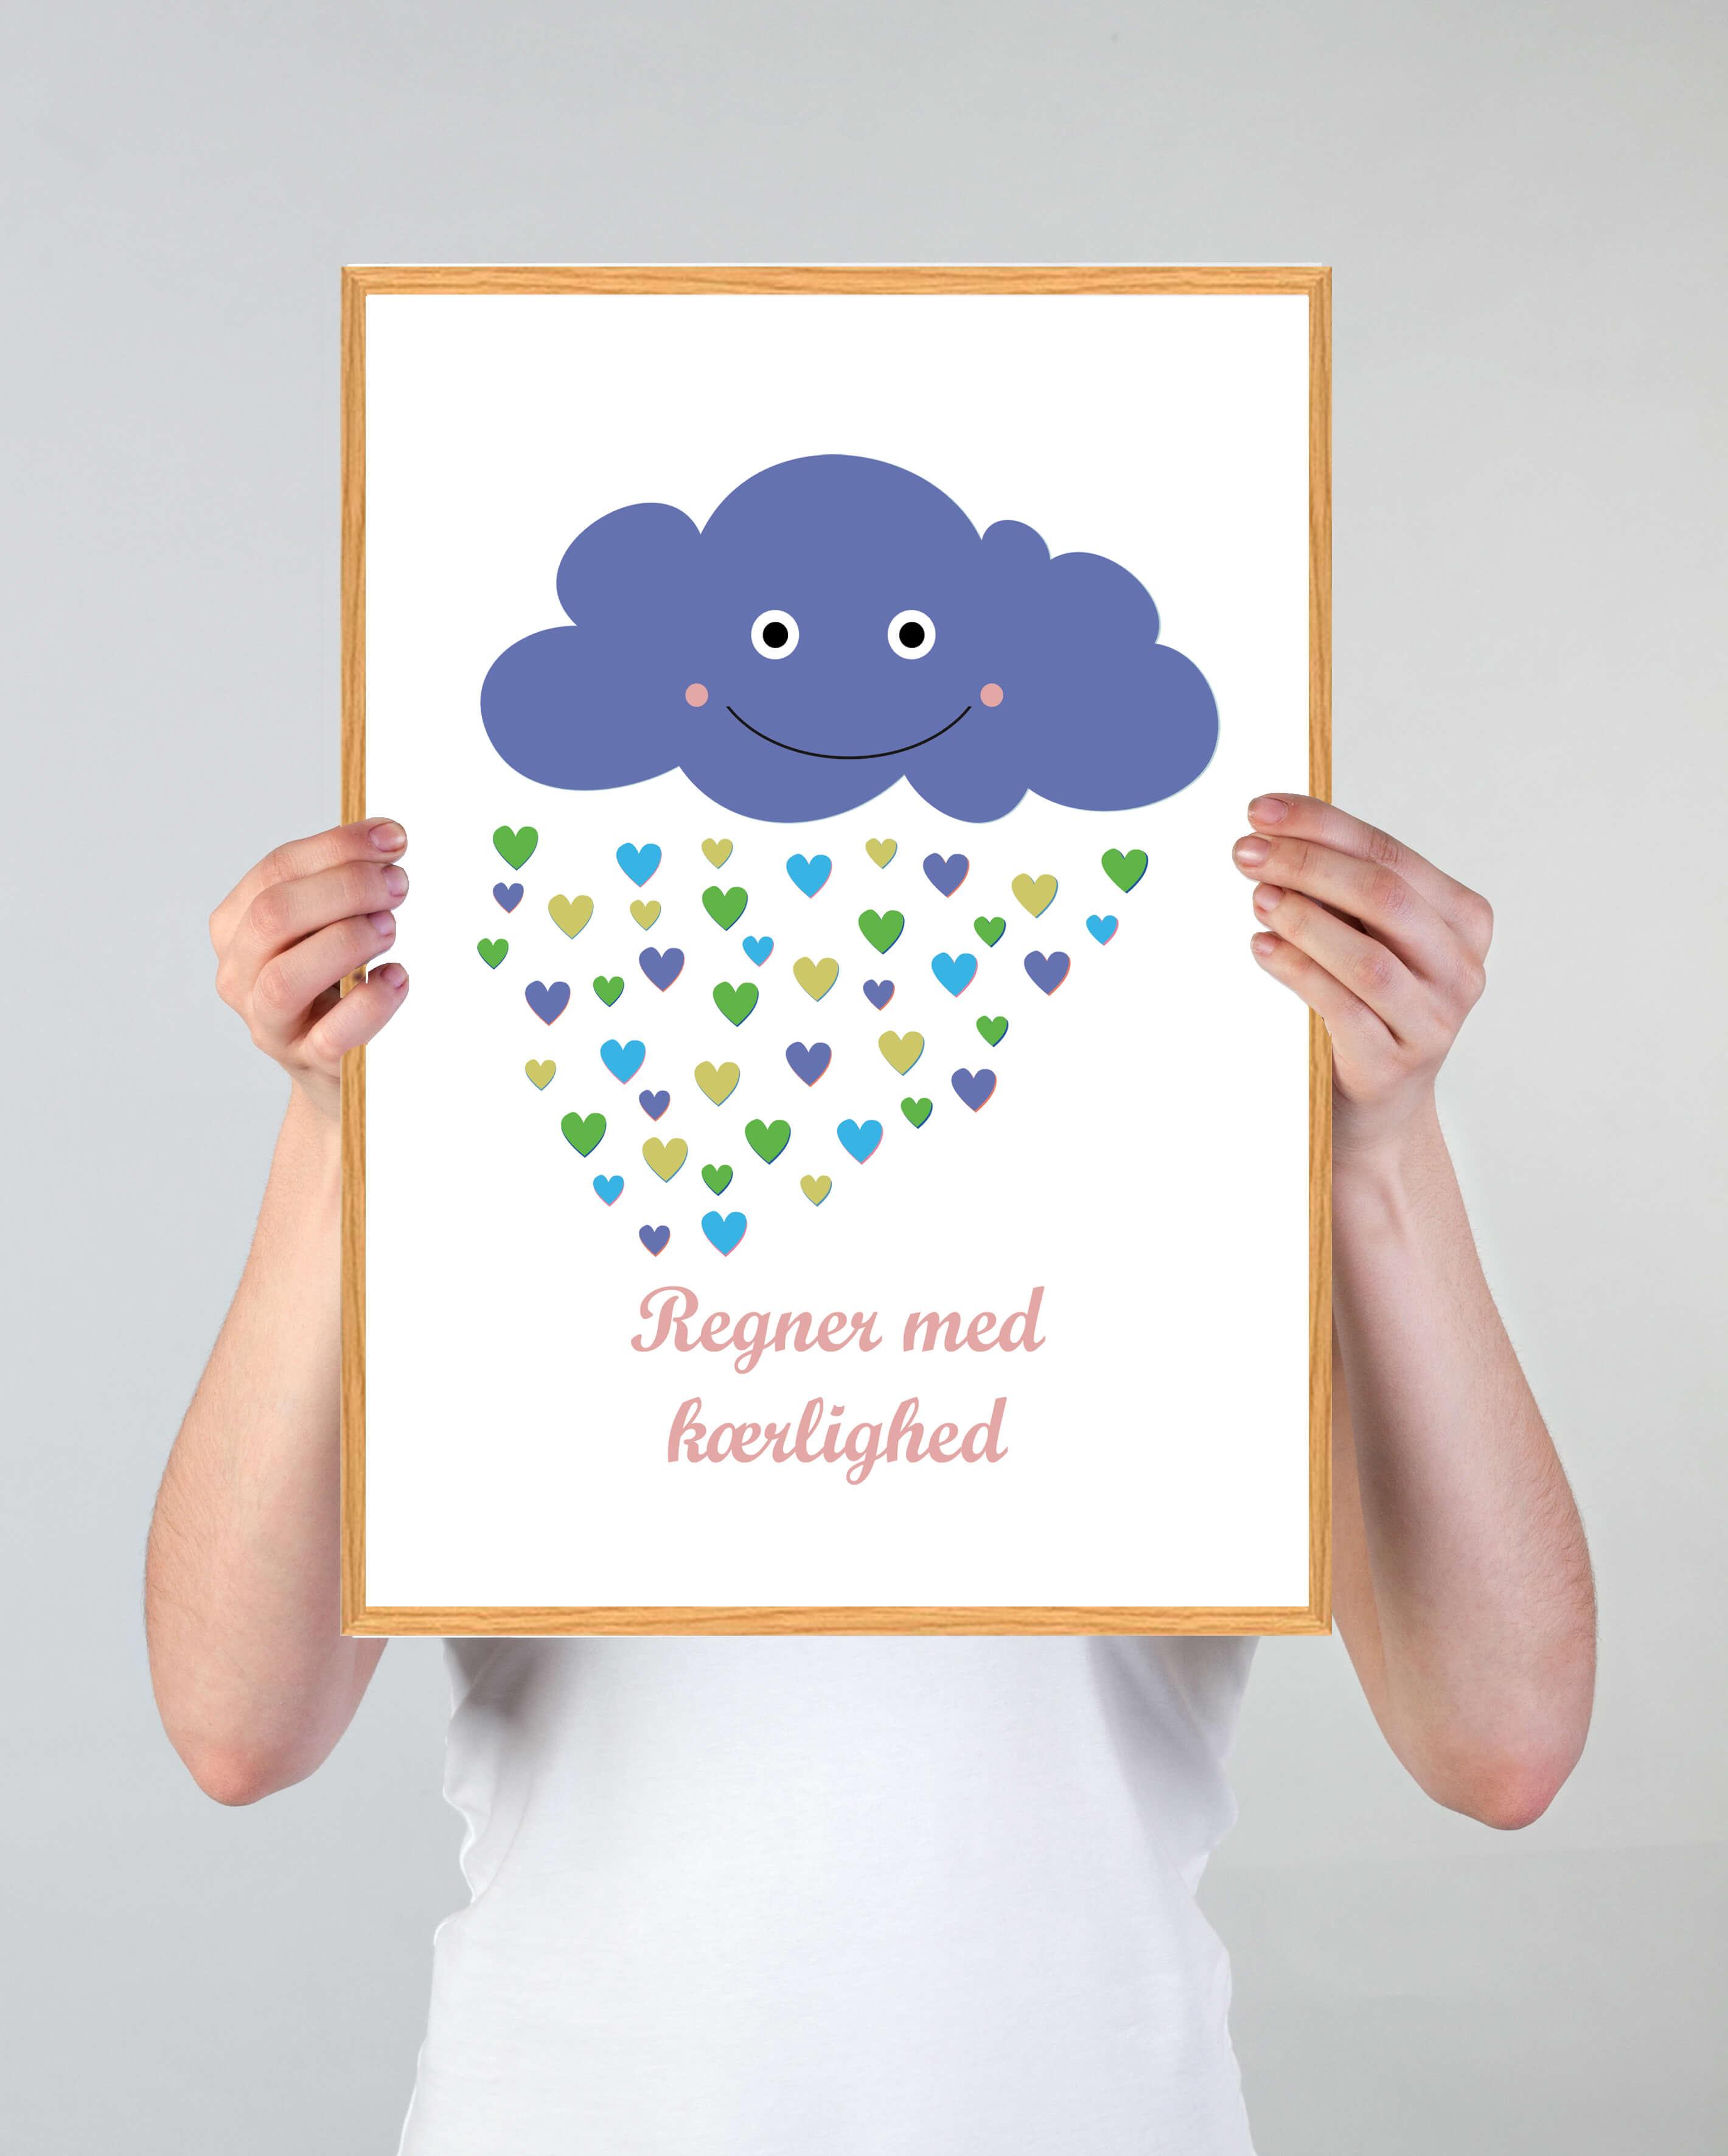 regn-kaerlighed-lilla-1